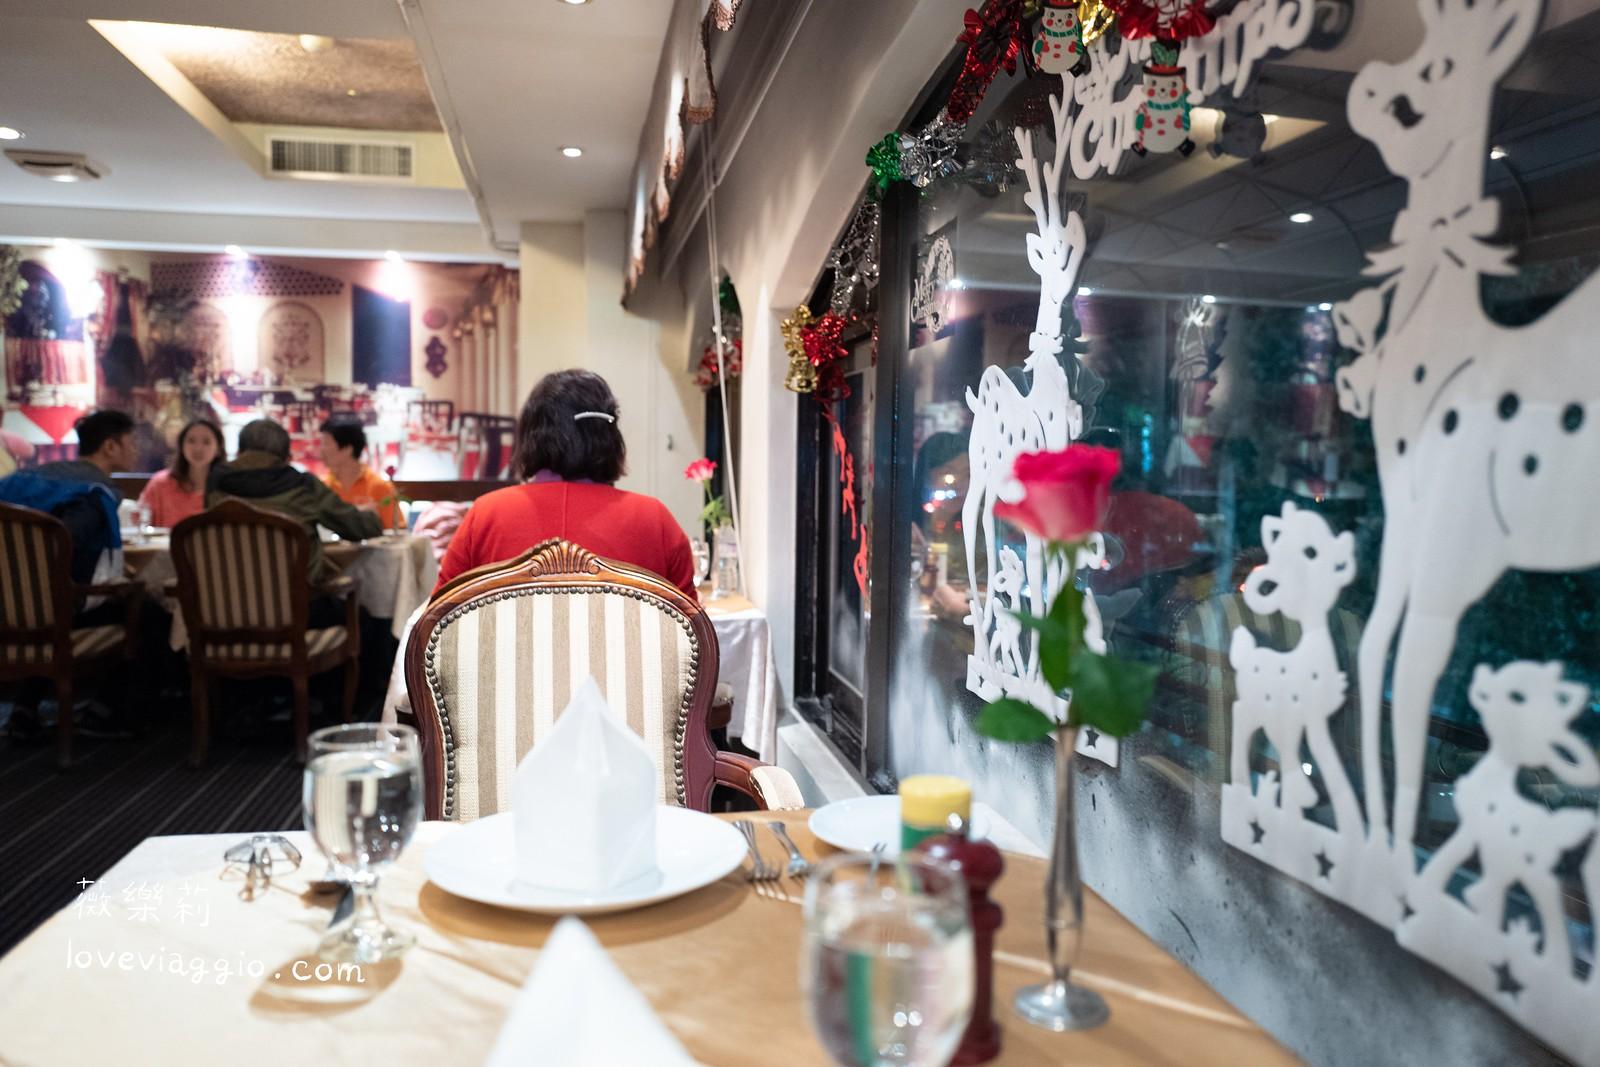 【高雄 Kaohsiung】鴻賓牛排館。老派浪漫復古台式西餐廳 重溫爸媽當年約會場景 @薇樂莉 Love Viaggio | 旅行.生活.攝影